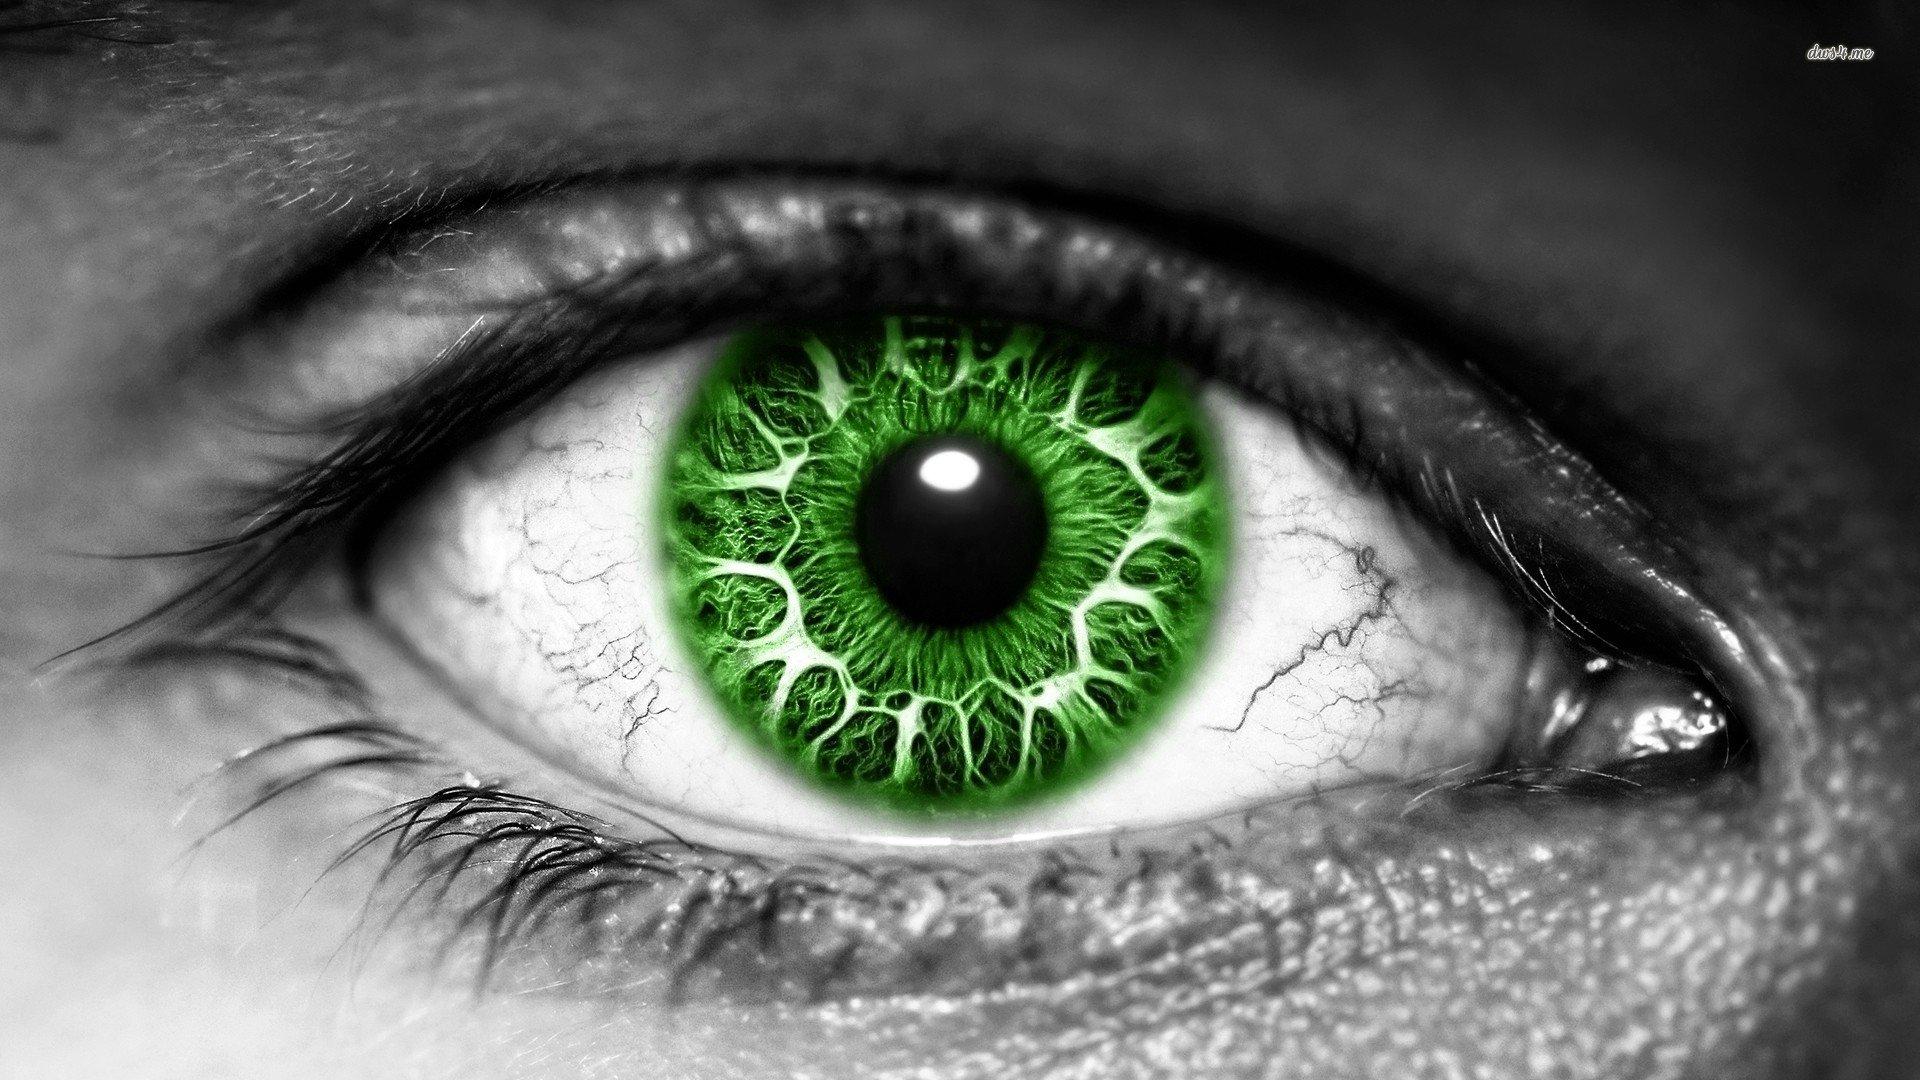 Green eye wallpaper 1280x800 Green eye wallpaper 1366x768 Green eye 1920x1080